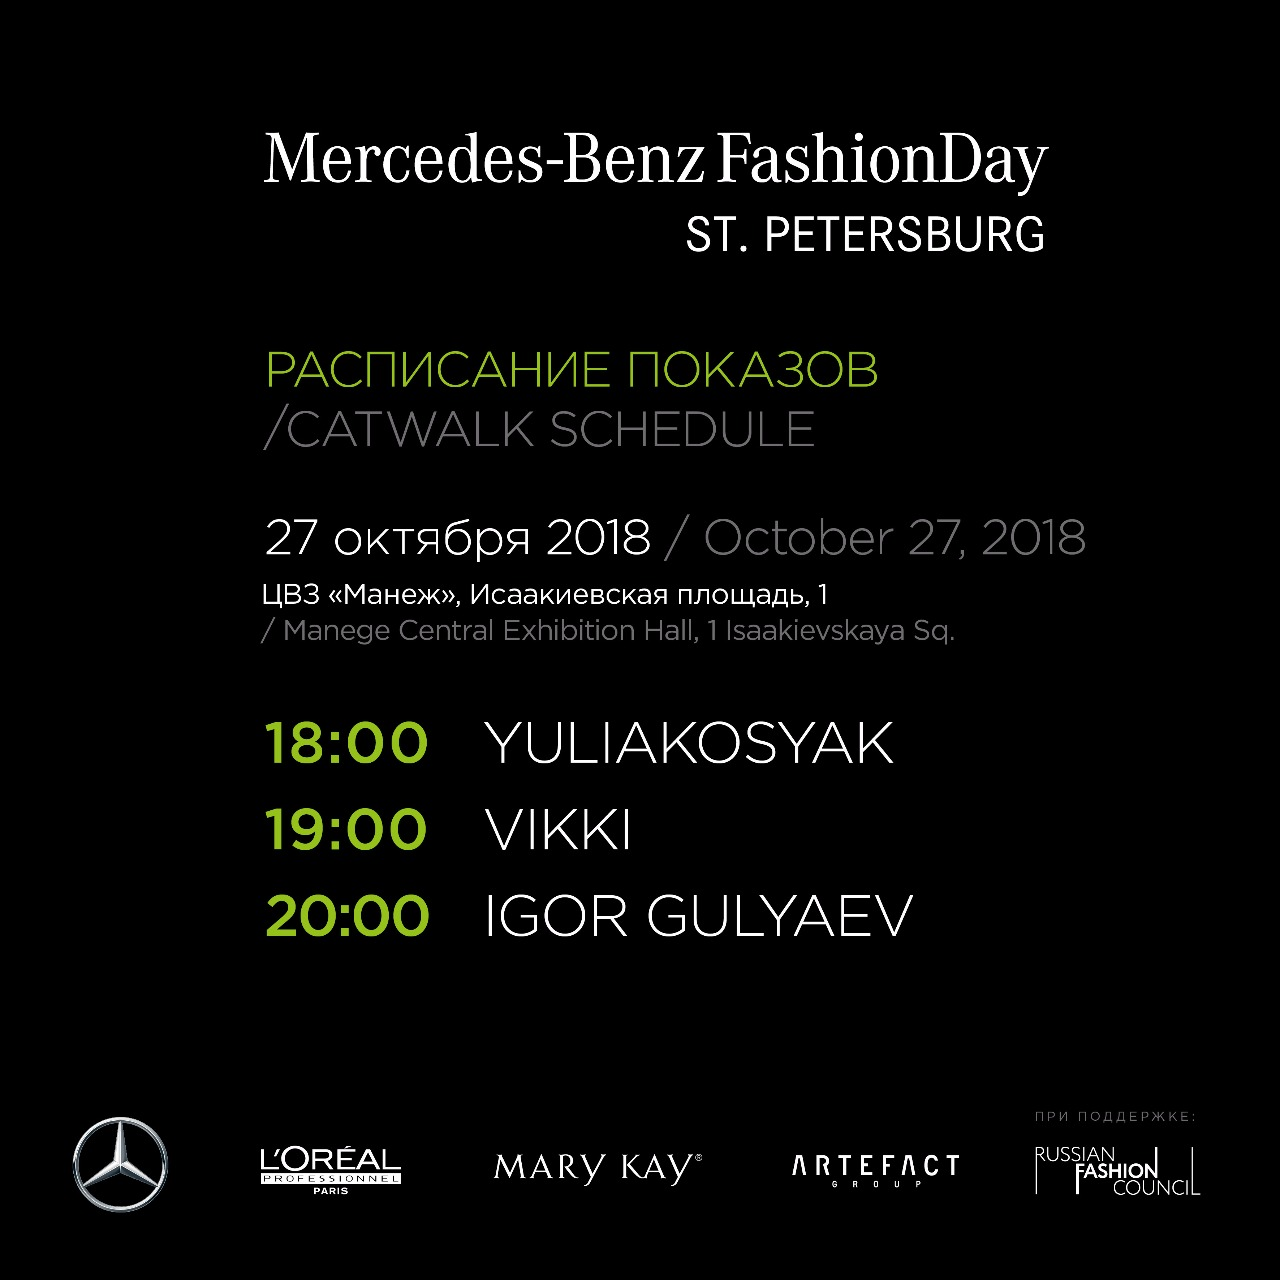 Mercedes-Benz Fashion Day St. Petersburg пройдёт 27 октября 2018